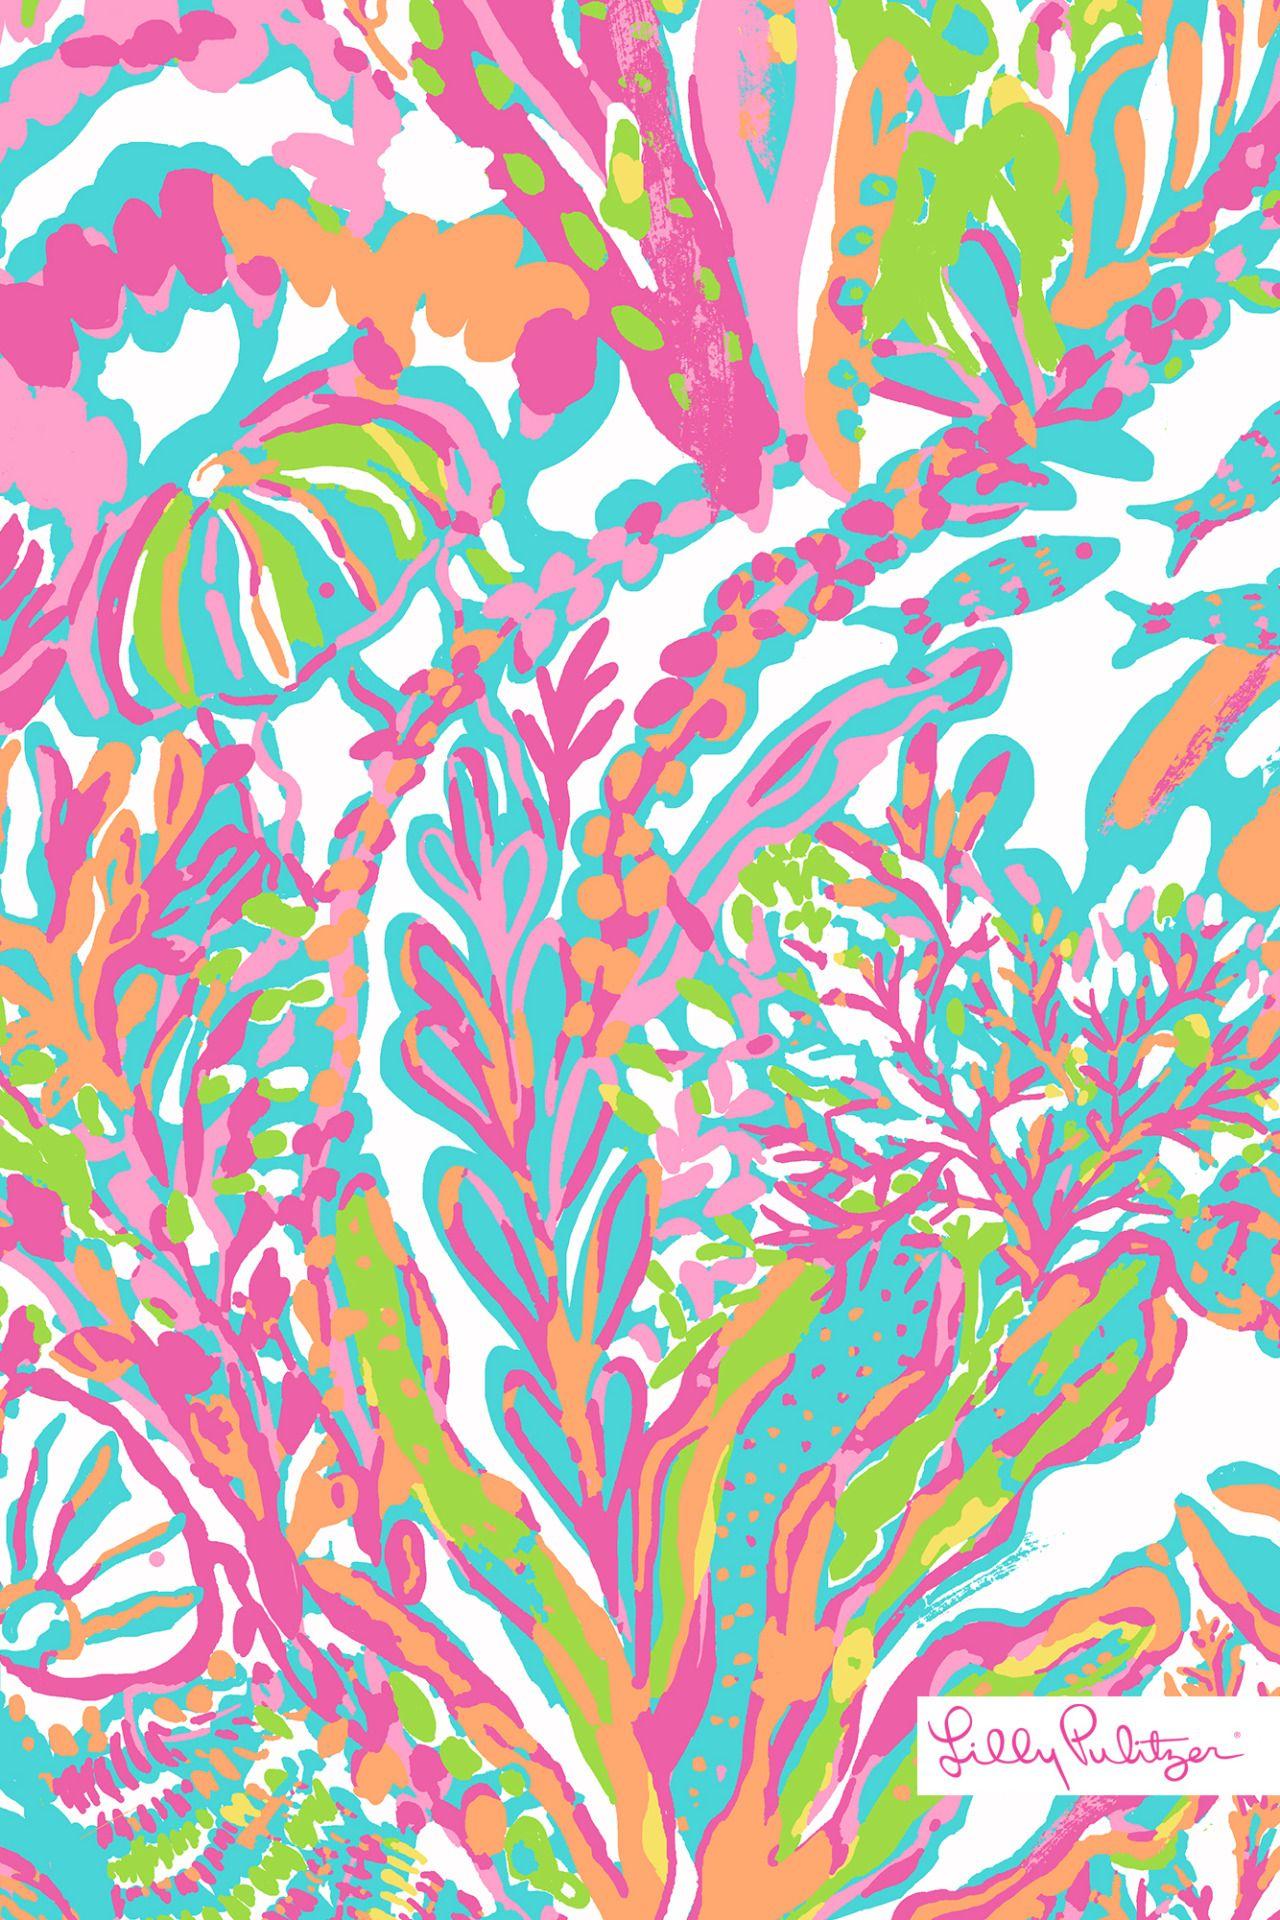 Scuba to Cuba Summer 2015 Lily pulitzer wallpaper